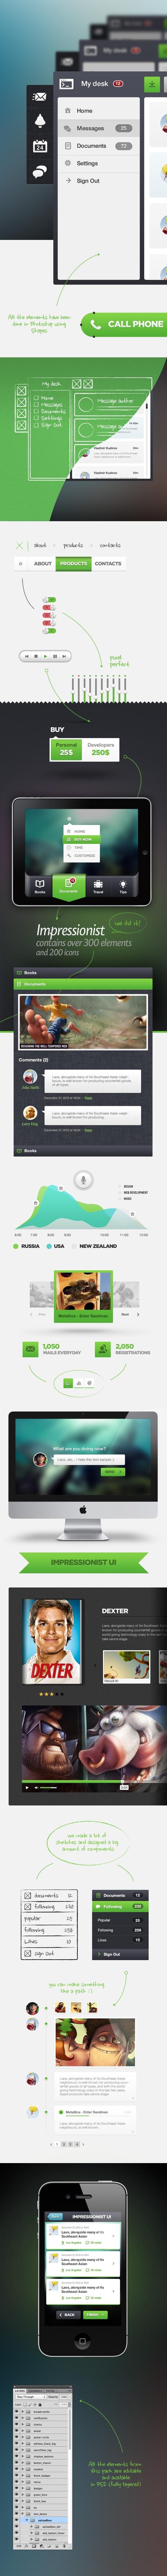 Mobile ux ui design